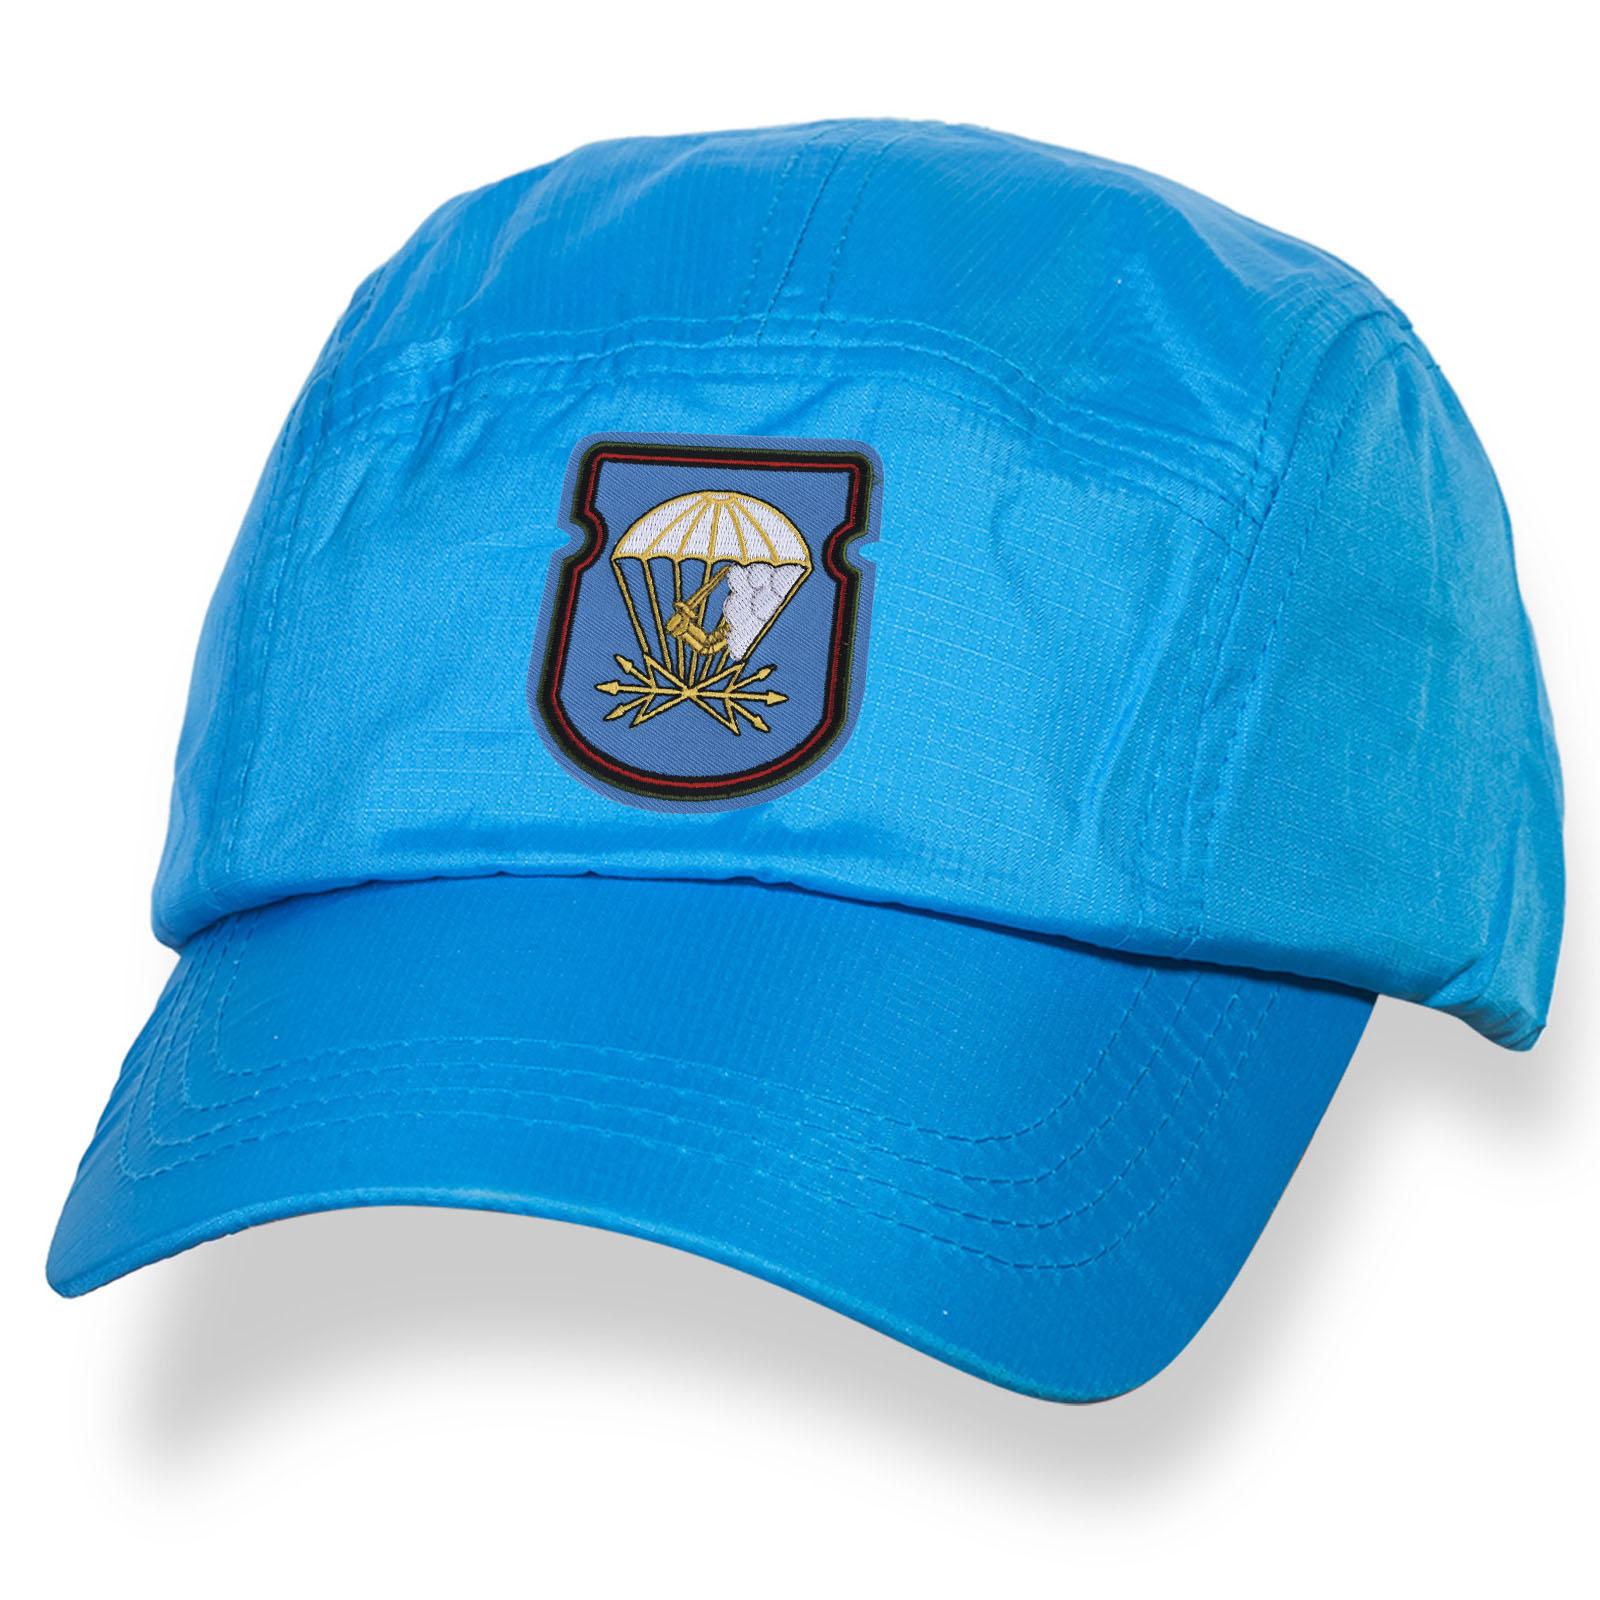 Голубая мужская кепка с знаком 674-го Батальона 98 ВДД ВДВ купить с доставкой